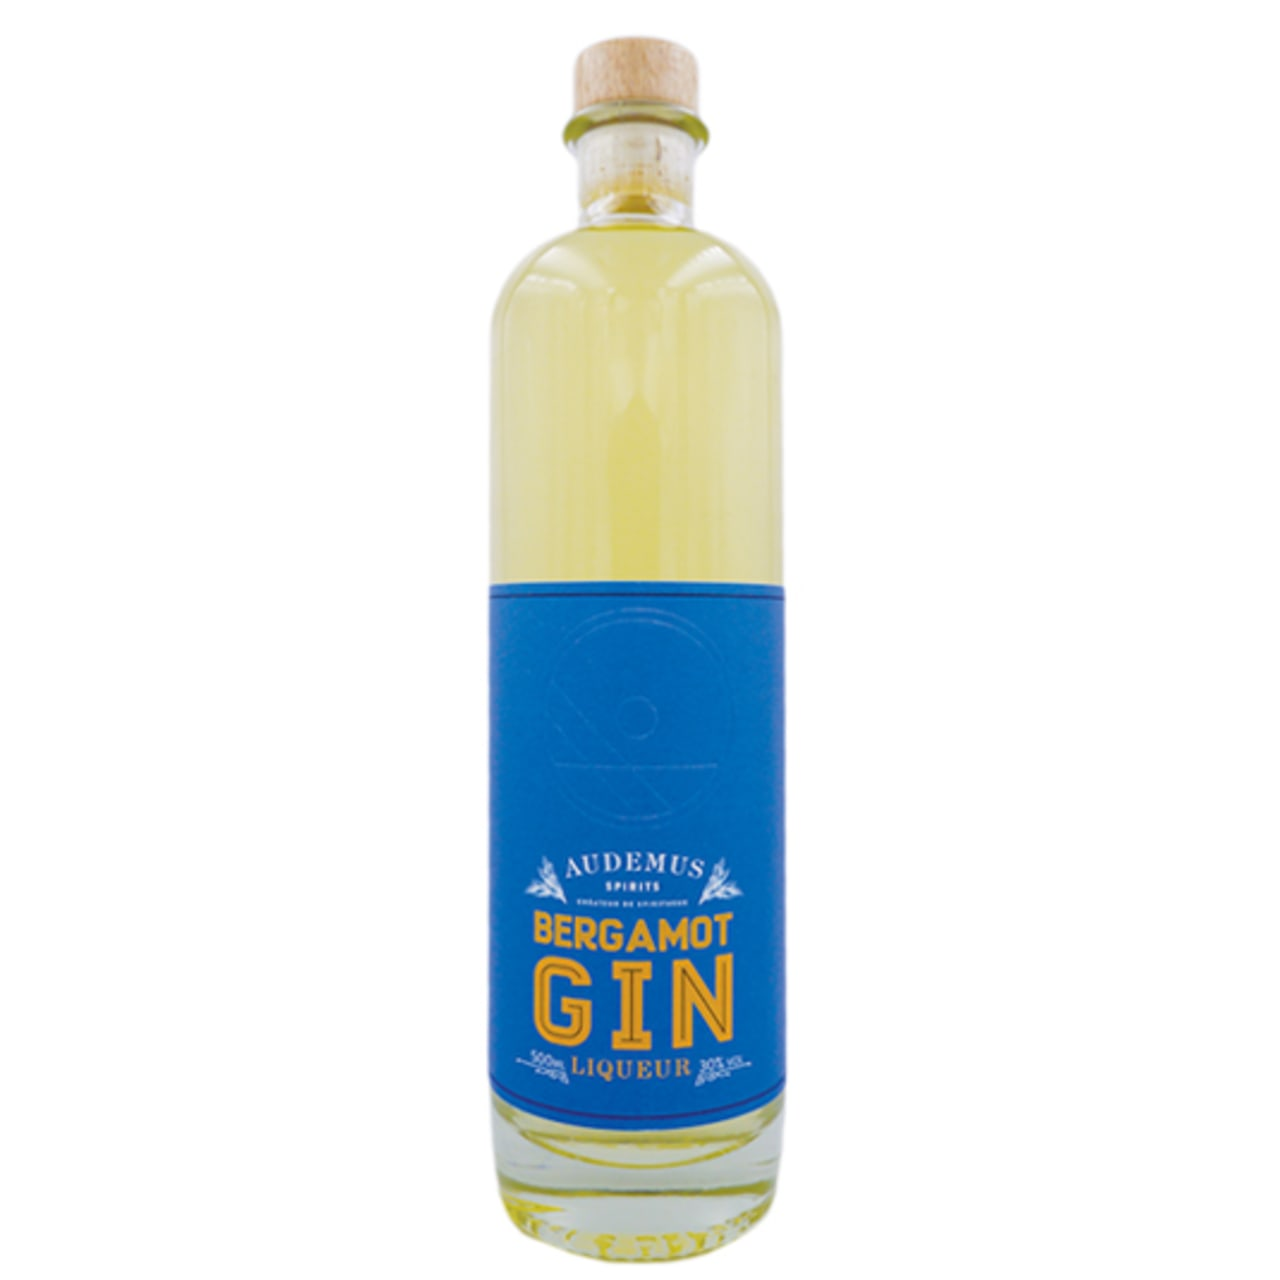 Product Image - Audemus Bergamot Gin Liqueur